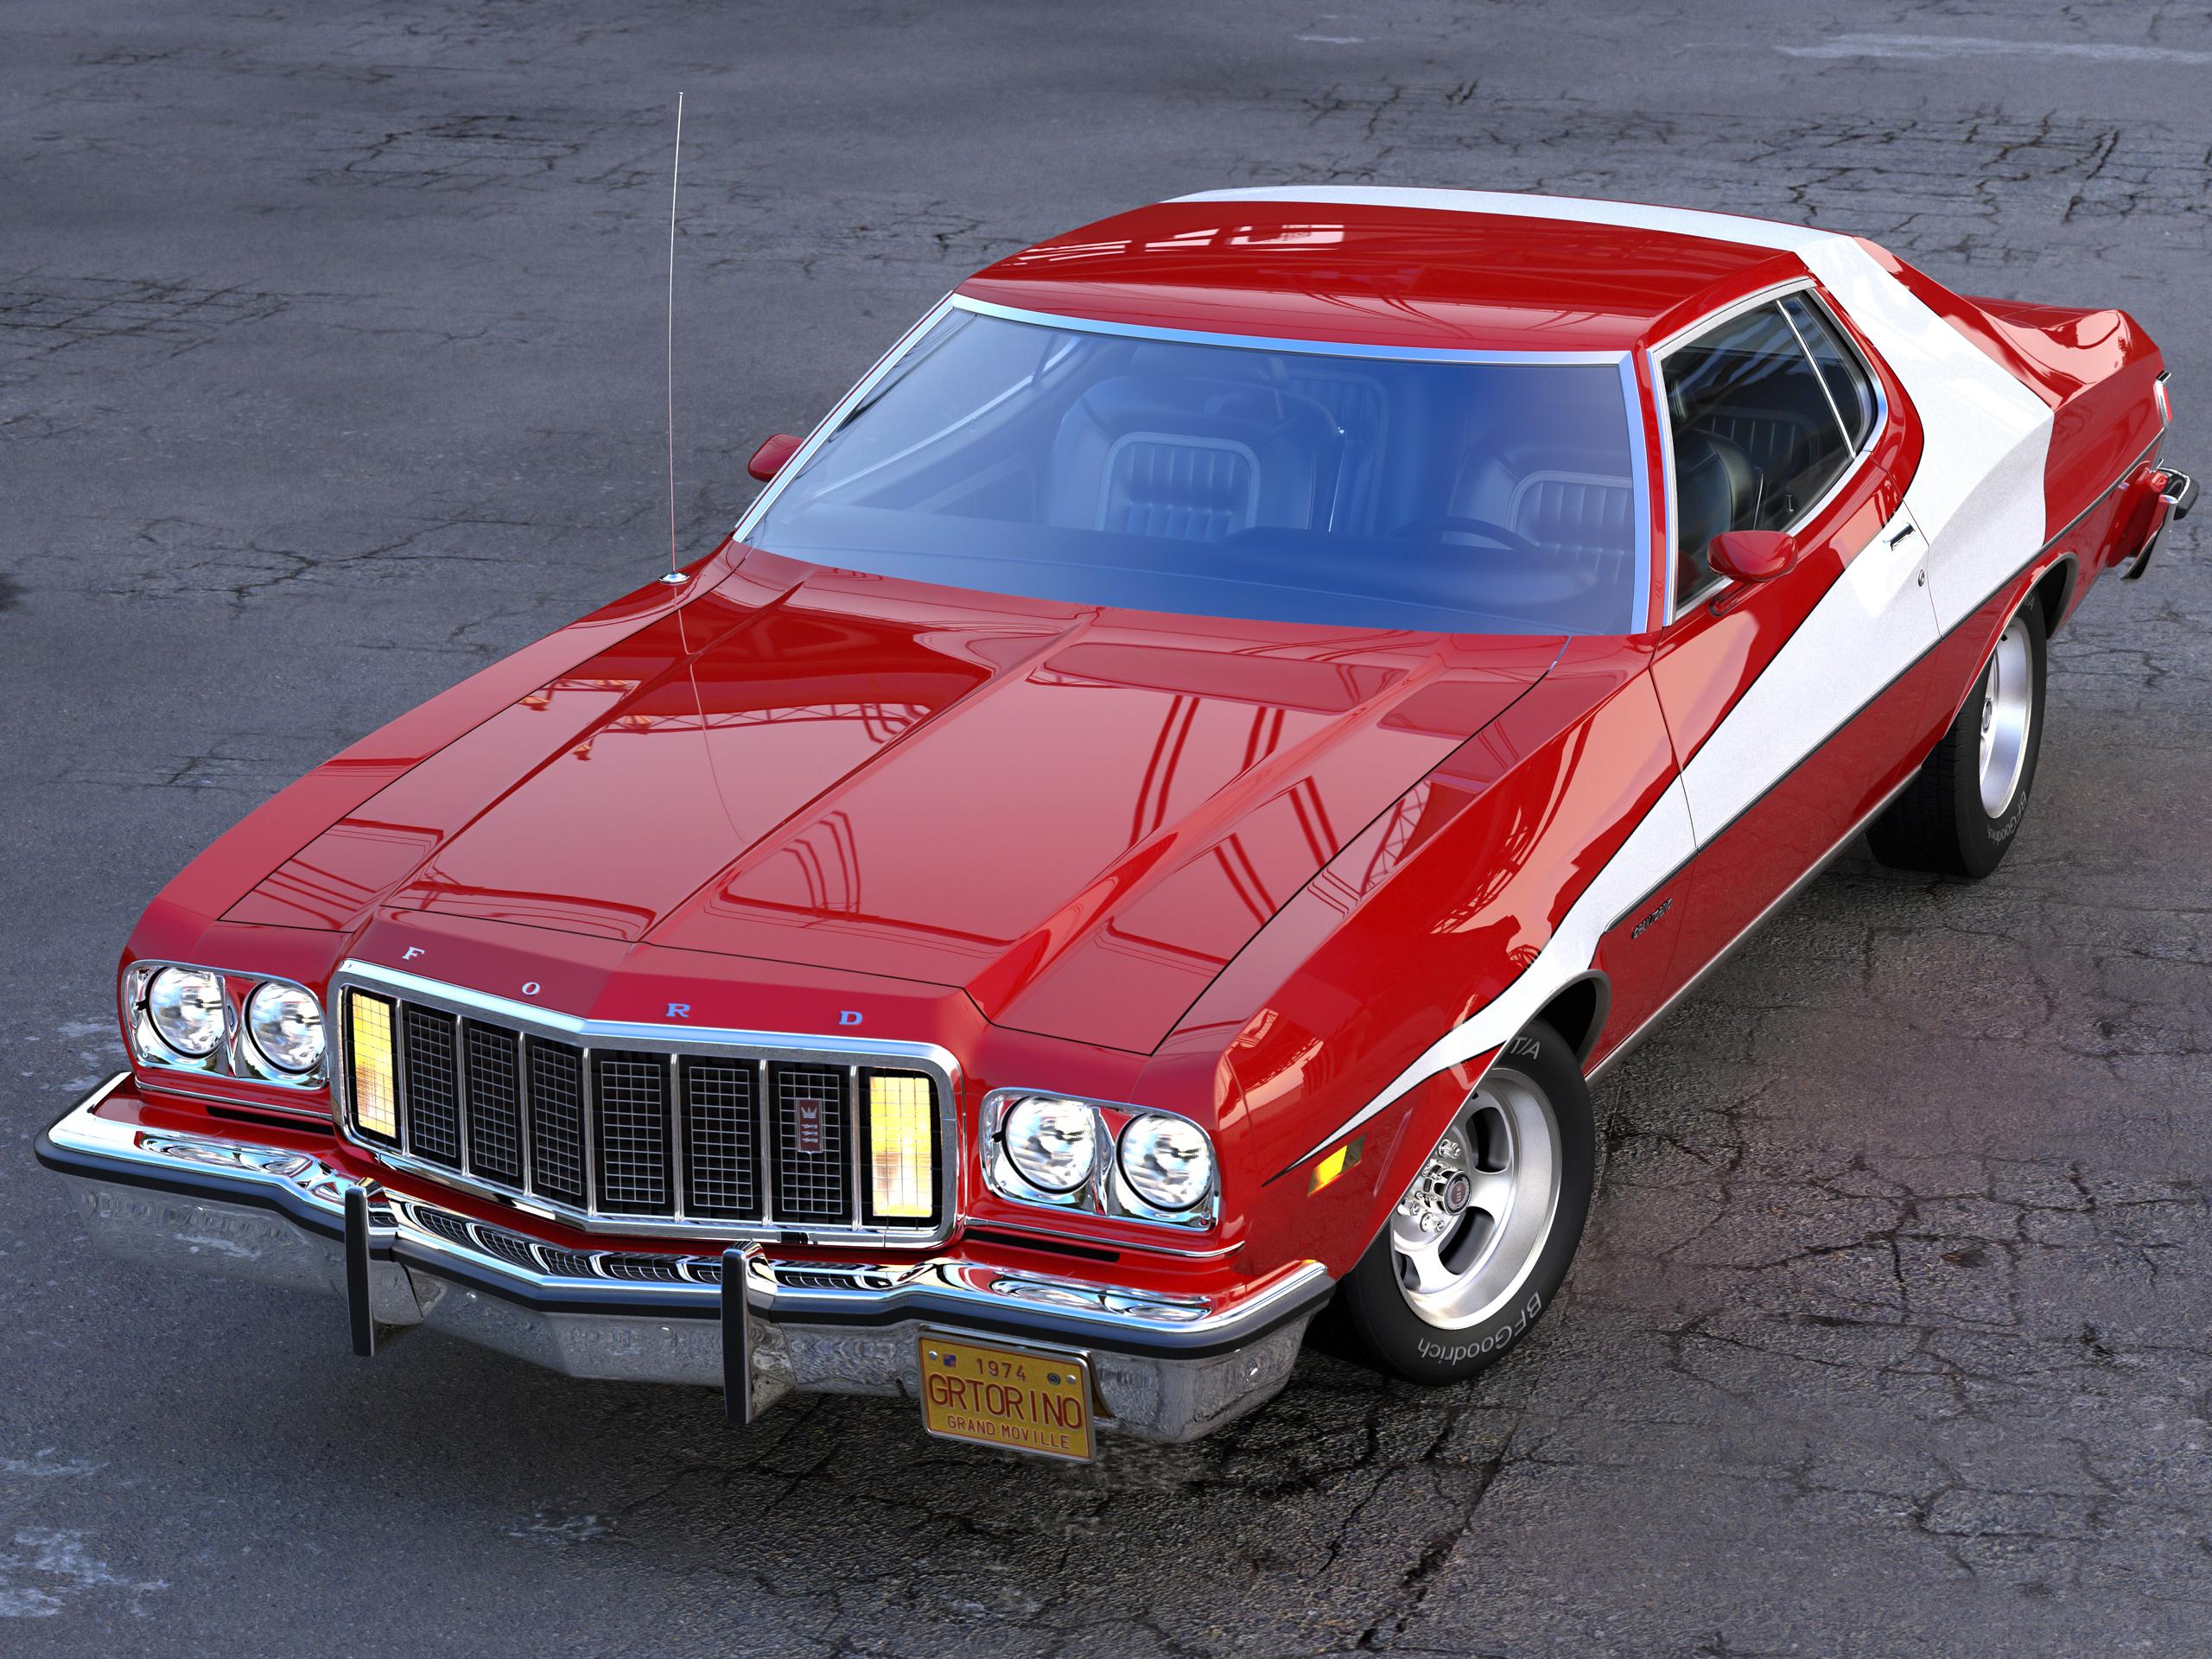 qrant torino 1974 3d modeli 3ds max fbx c4d obj 202368